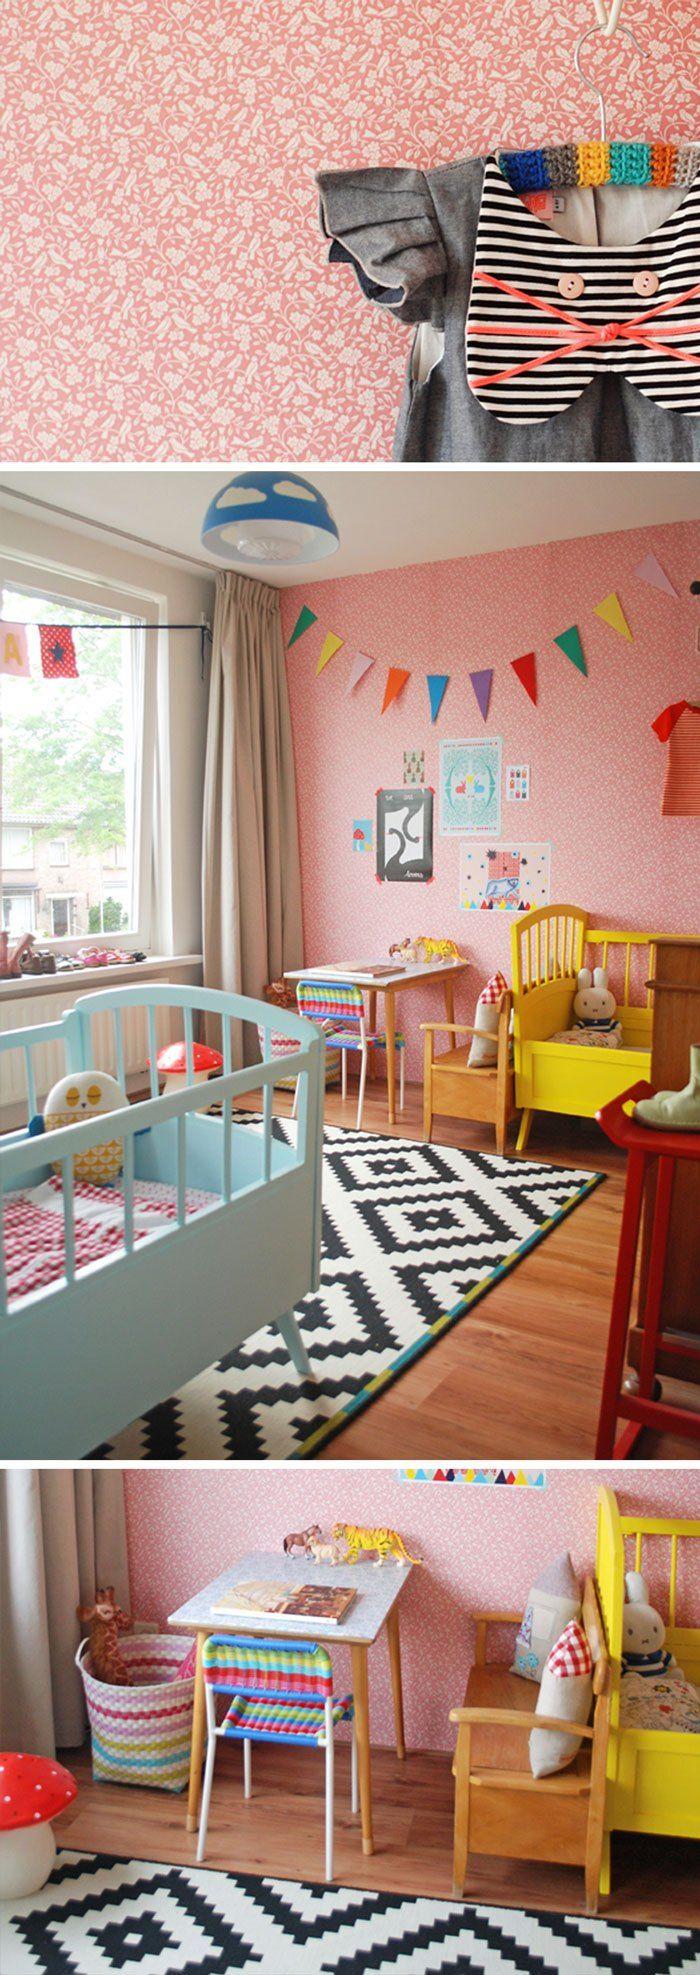 25 beste idee n over gedeelde kinderkamers op pinterest gedeelde kinderslaapkamers gedeelde - Decoratie kamer slapen schilderij ...